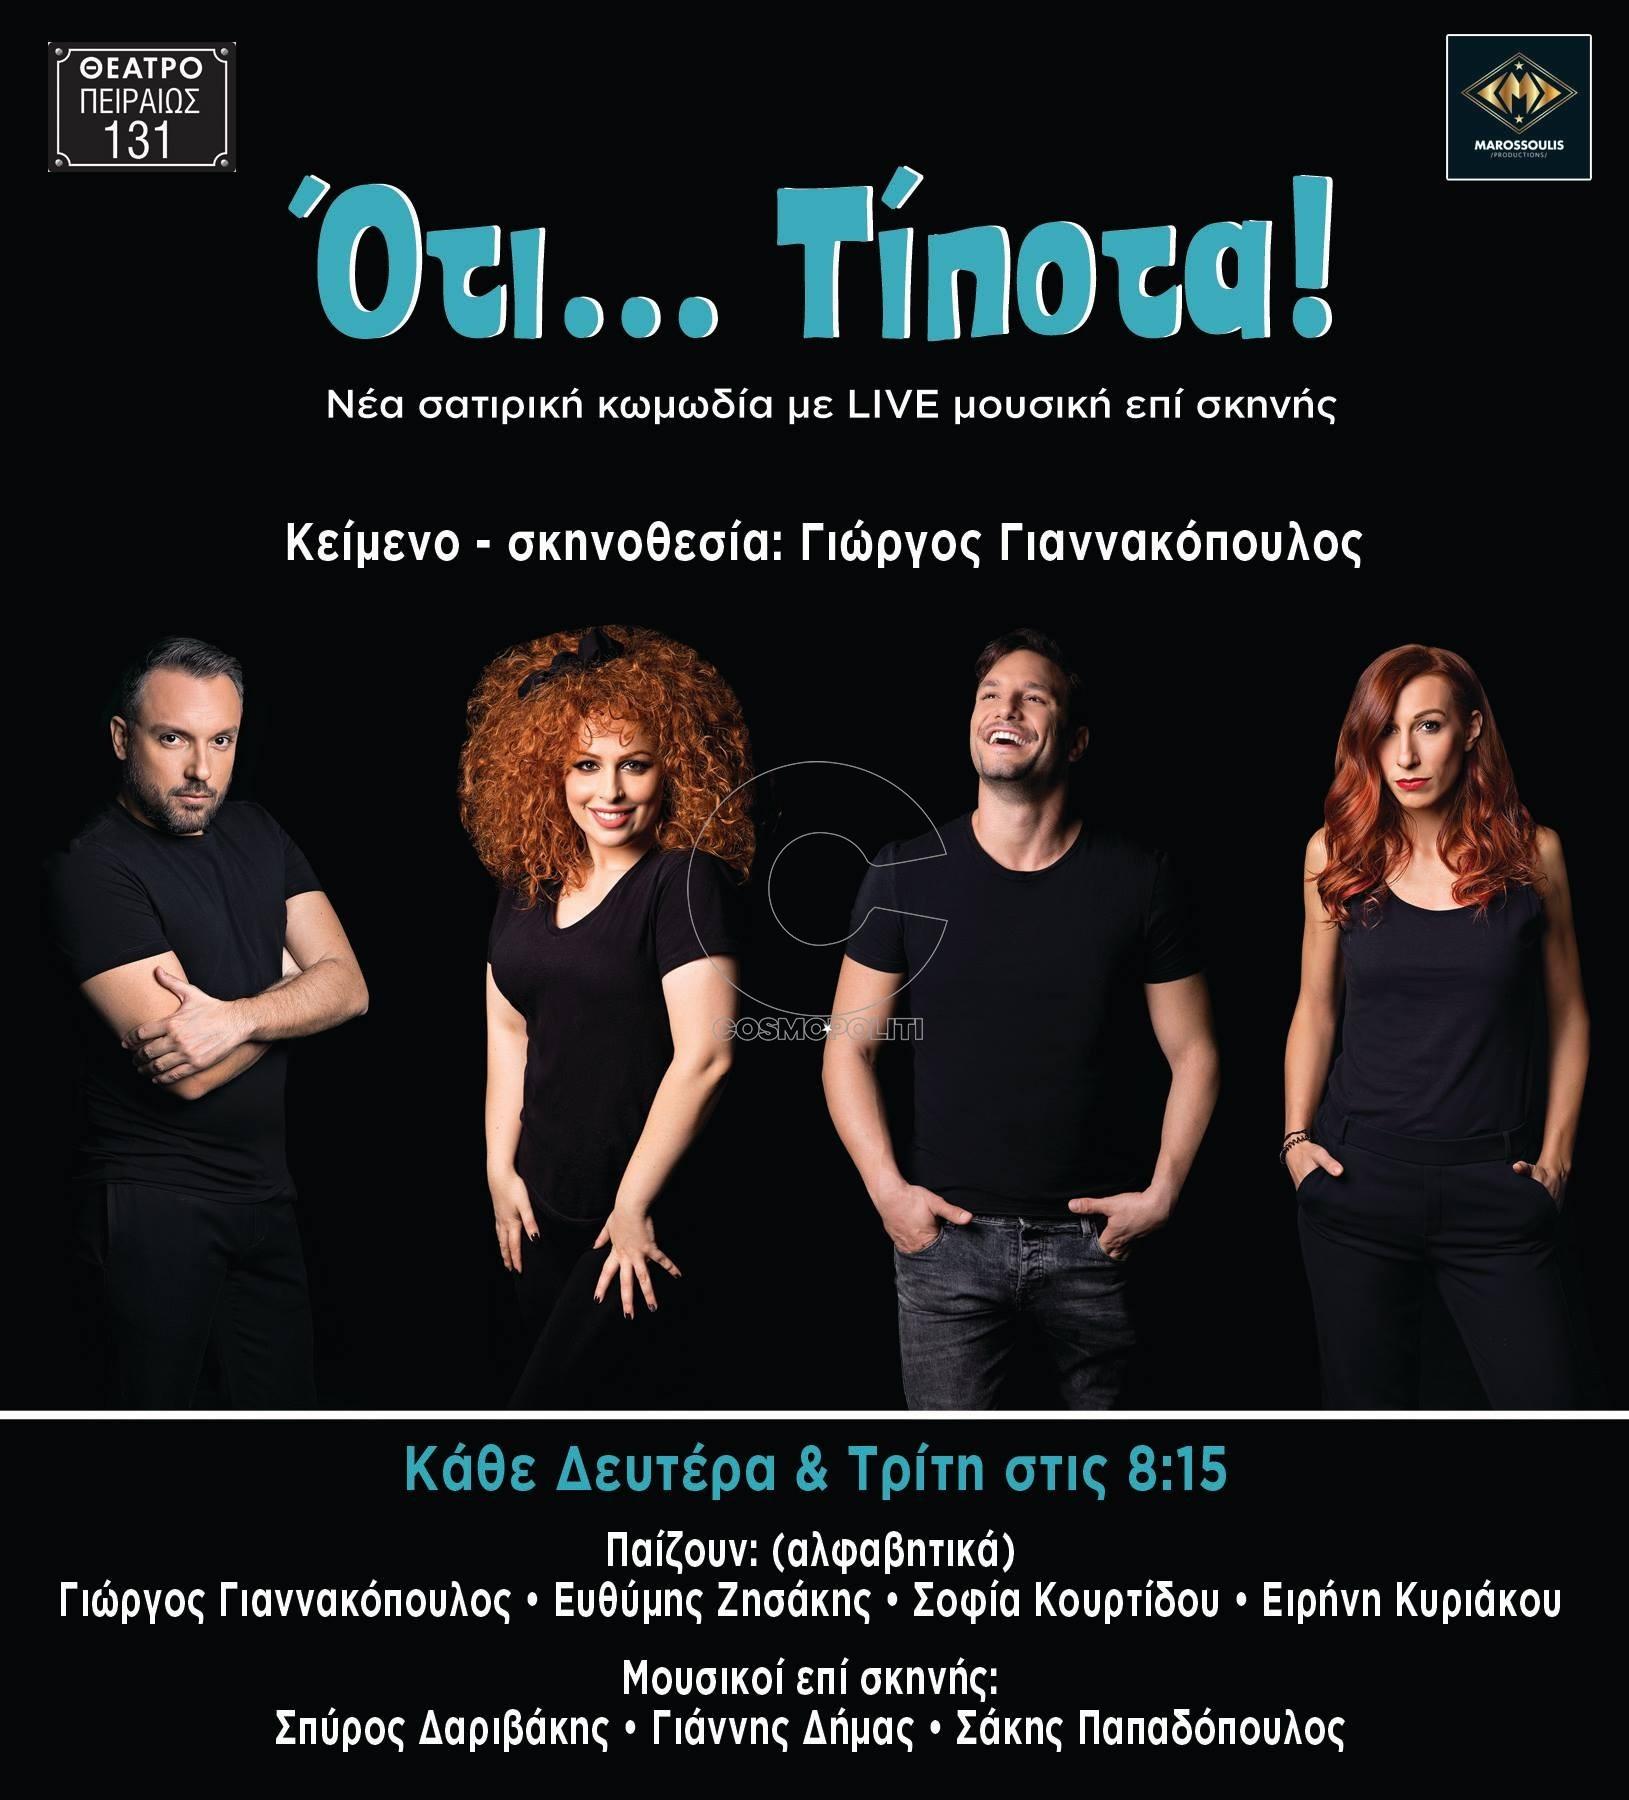 Αφίσα_ΟΤΙ_ΤΙΠΟΤΑ-1